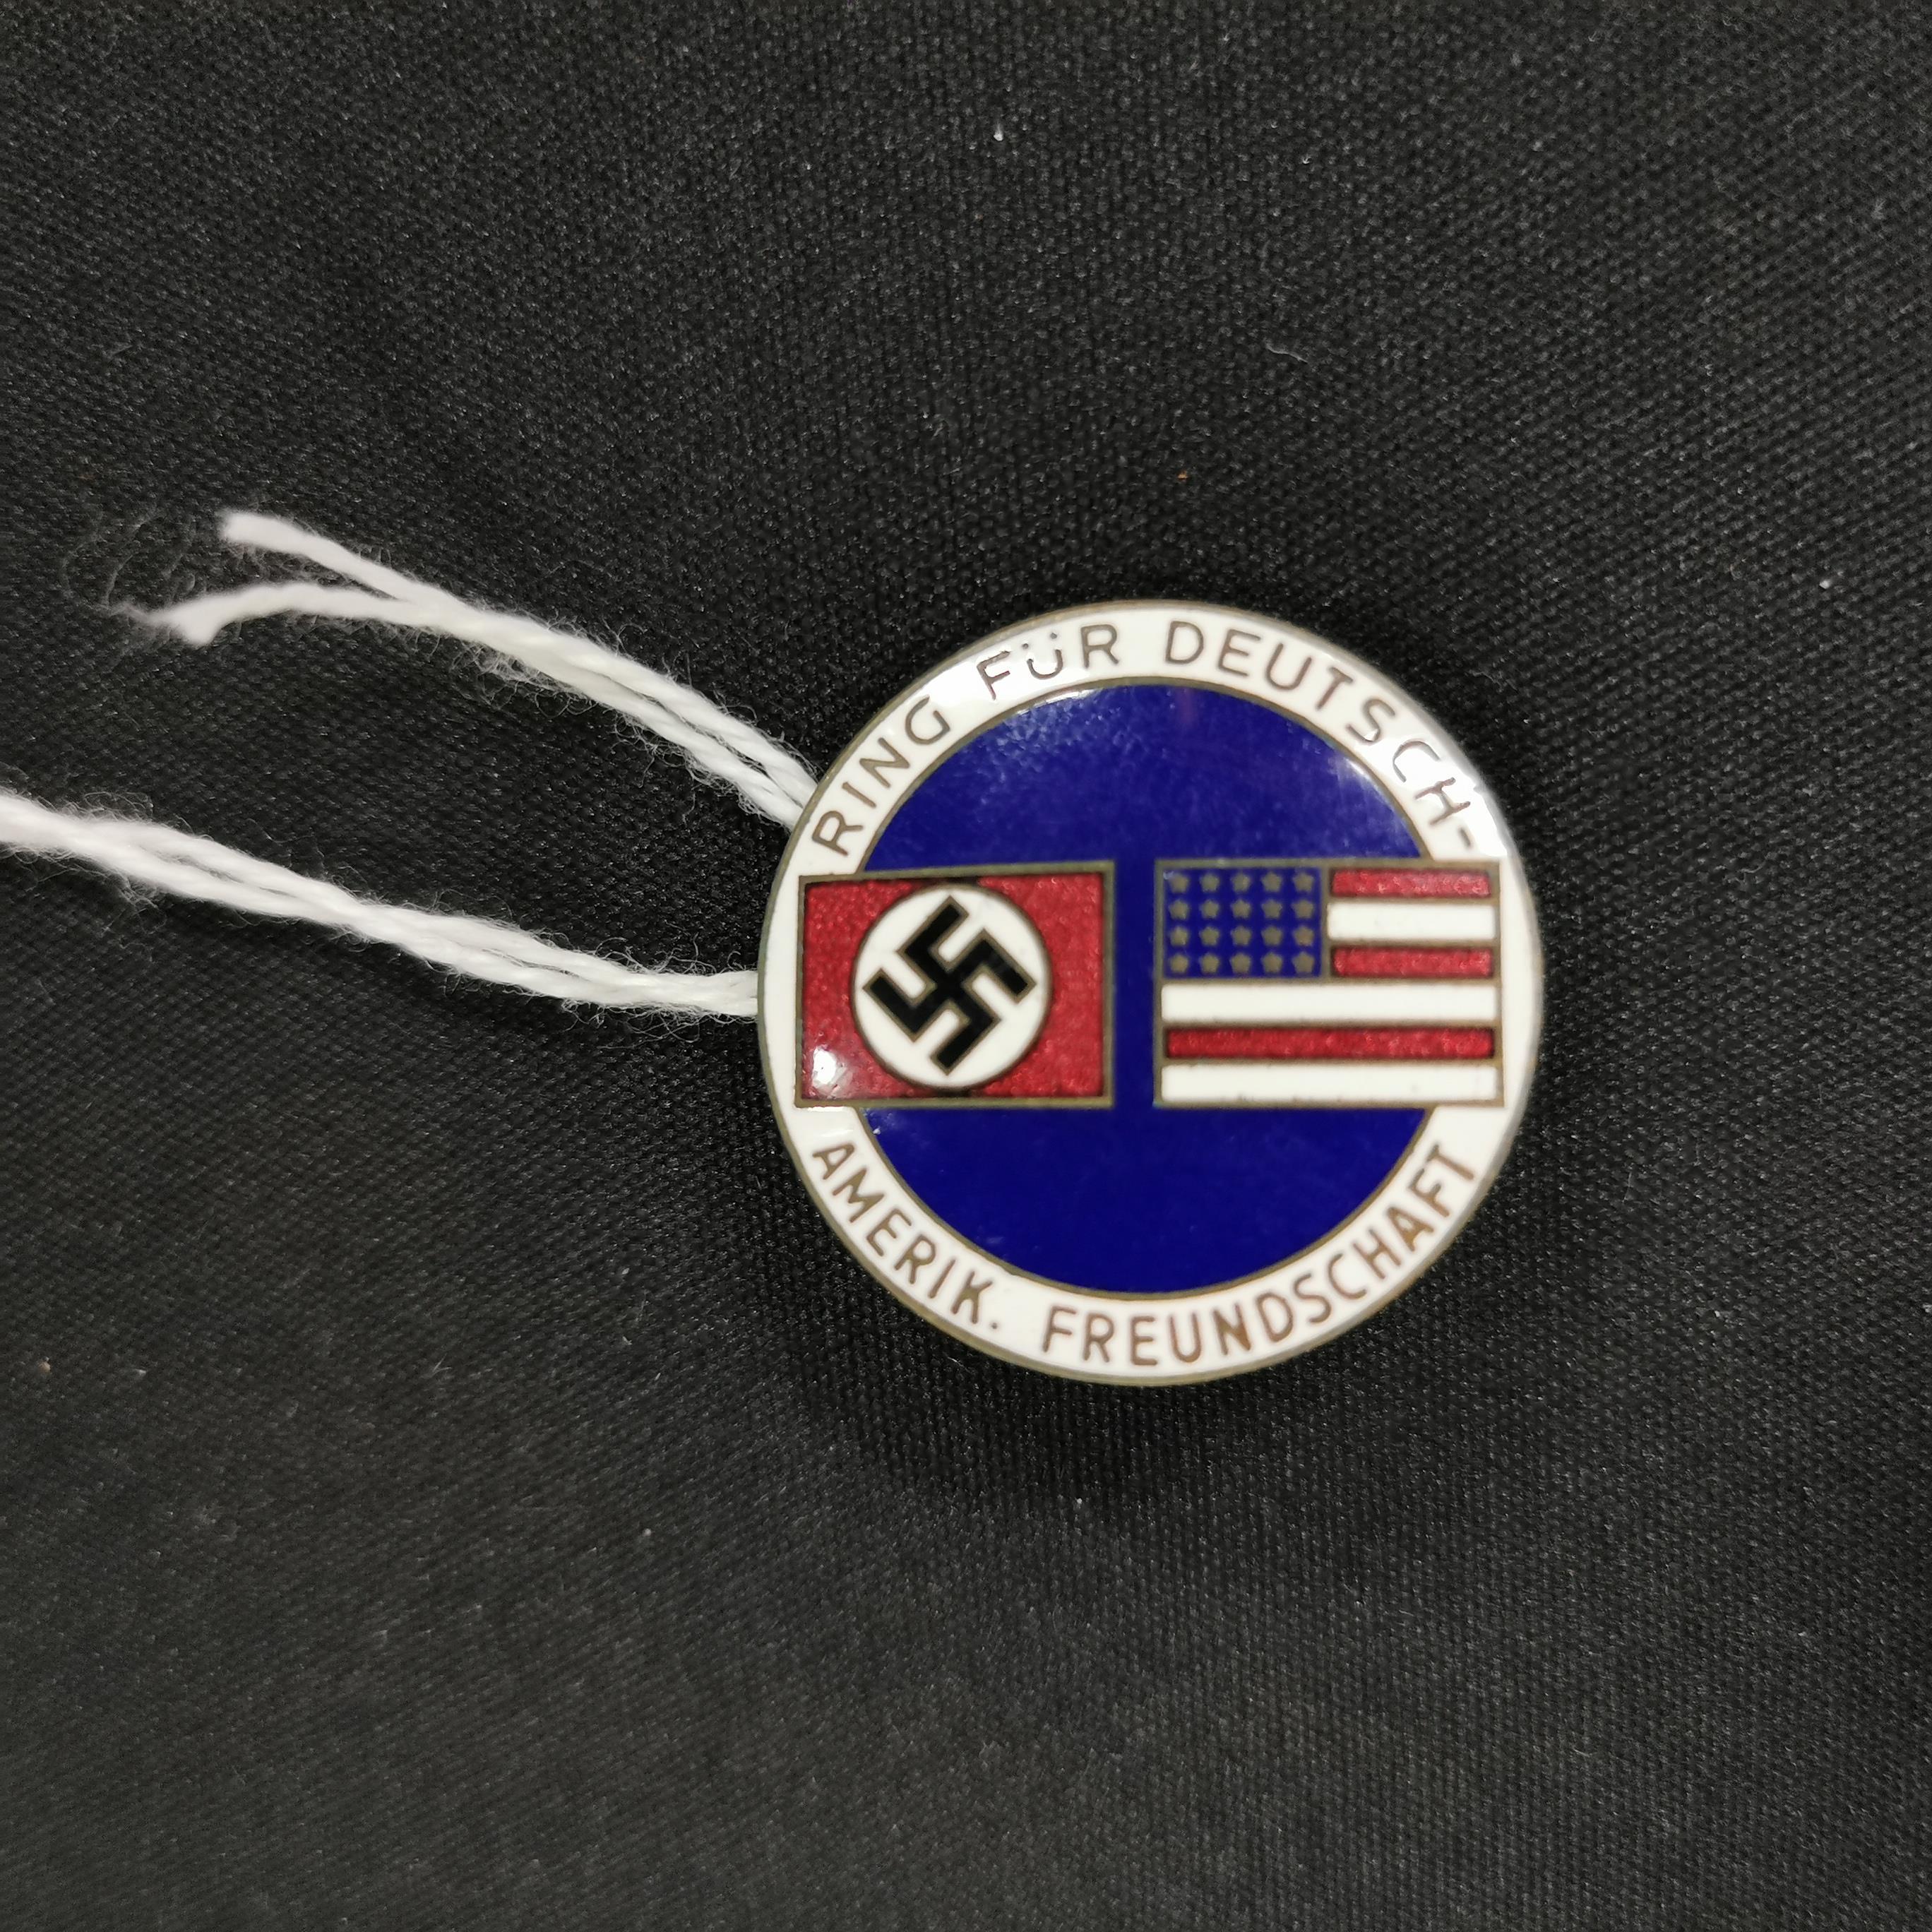 Lot 33 - GERMAN AMERICAN COMRADESHIP BADGE